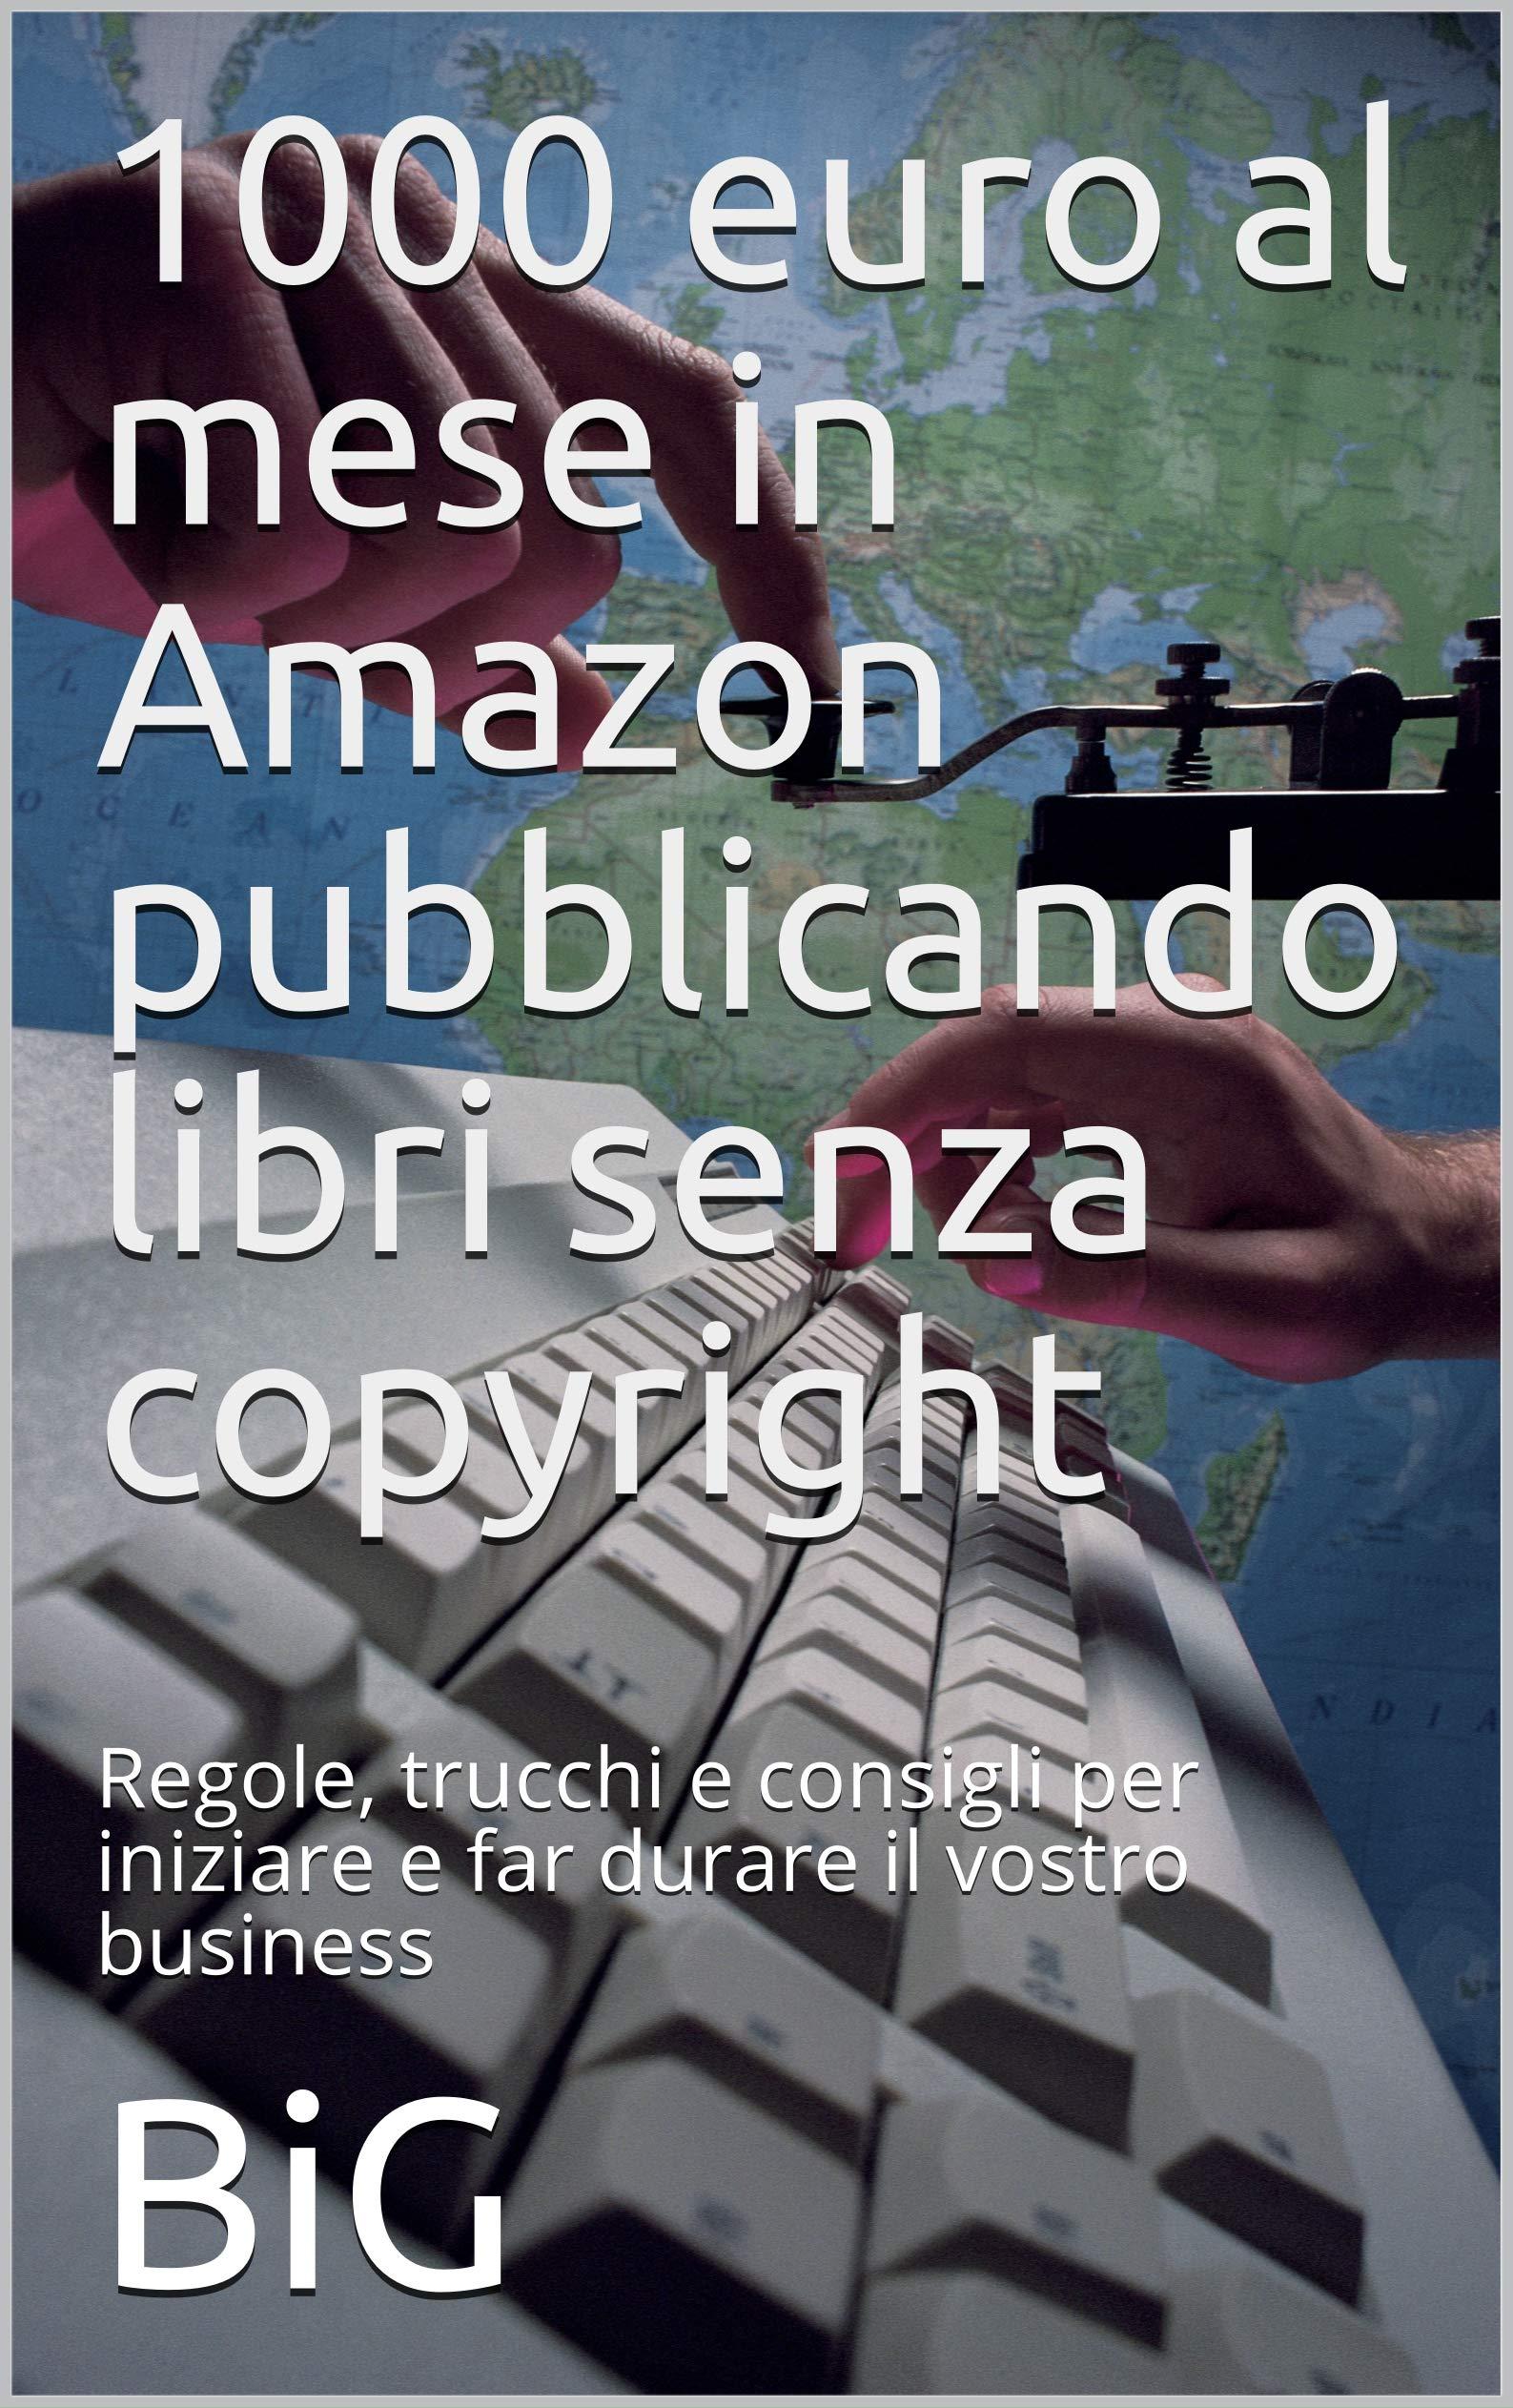 1000 euro al mese in Amazon pubblicando libri senza copyright: Regole, trucchi e consigli per iniziare e far durare il vostro business (Italian Edition)